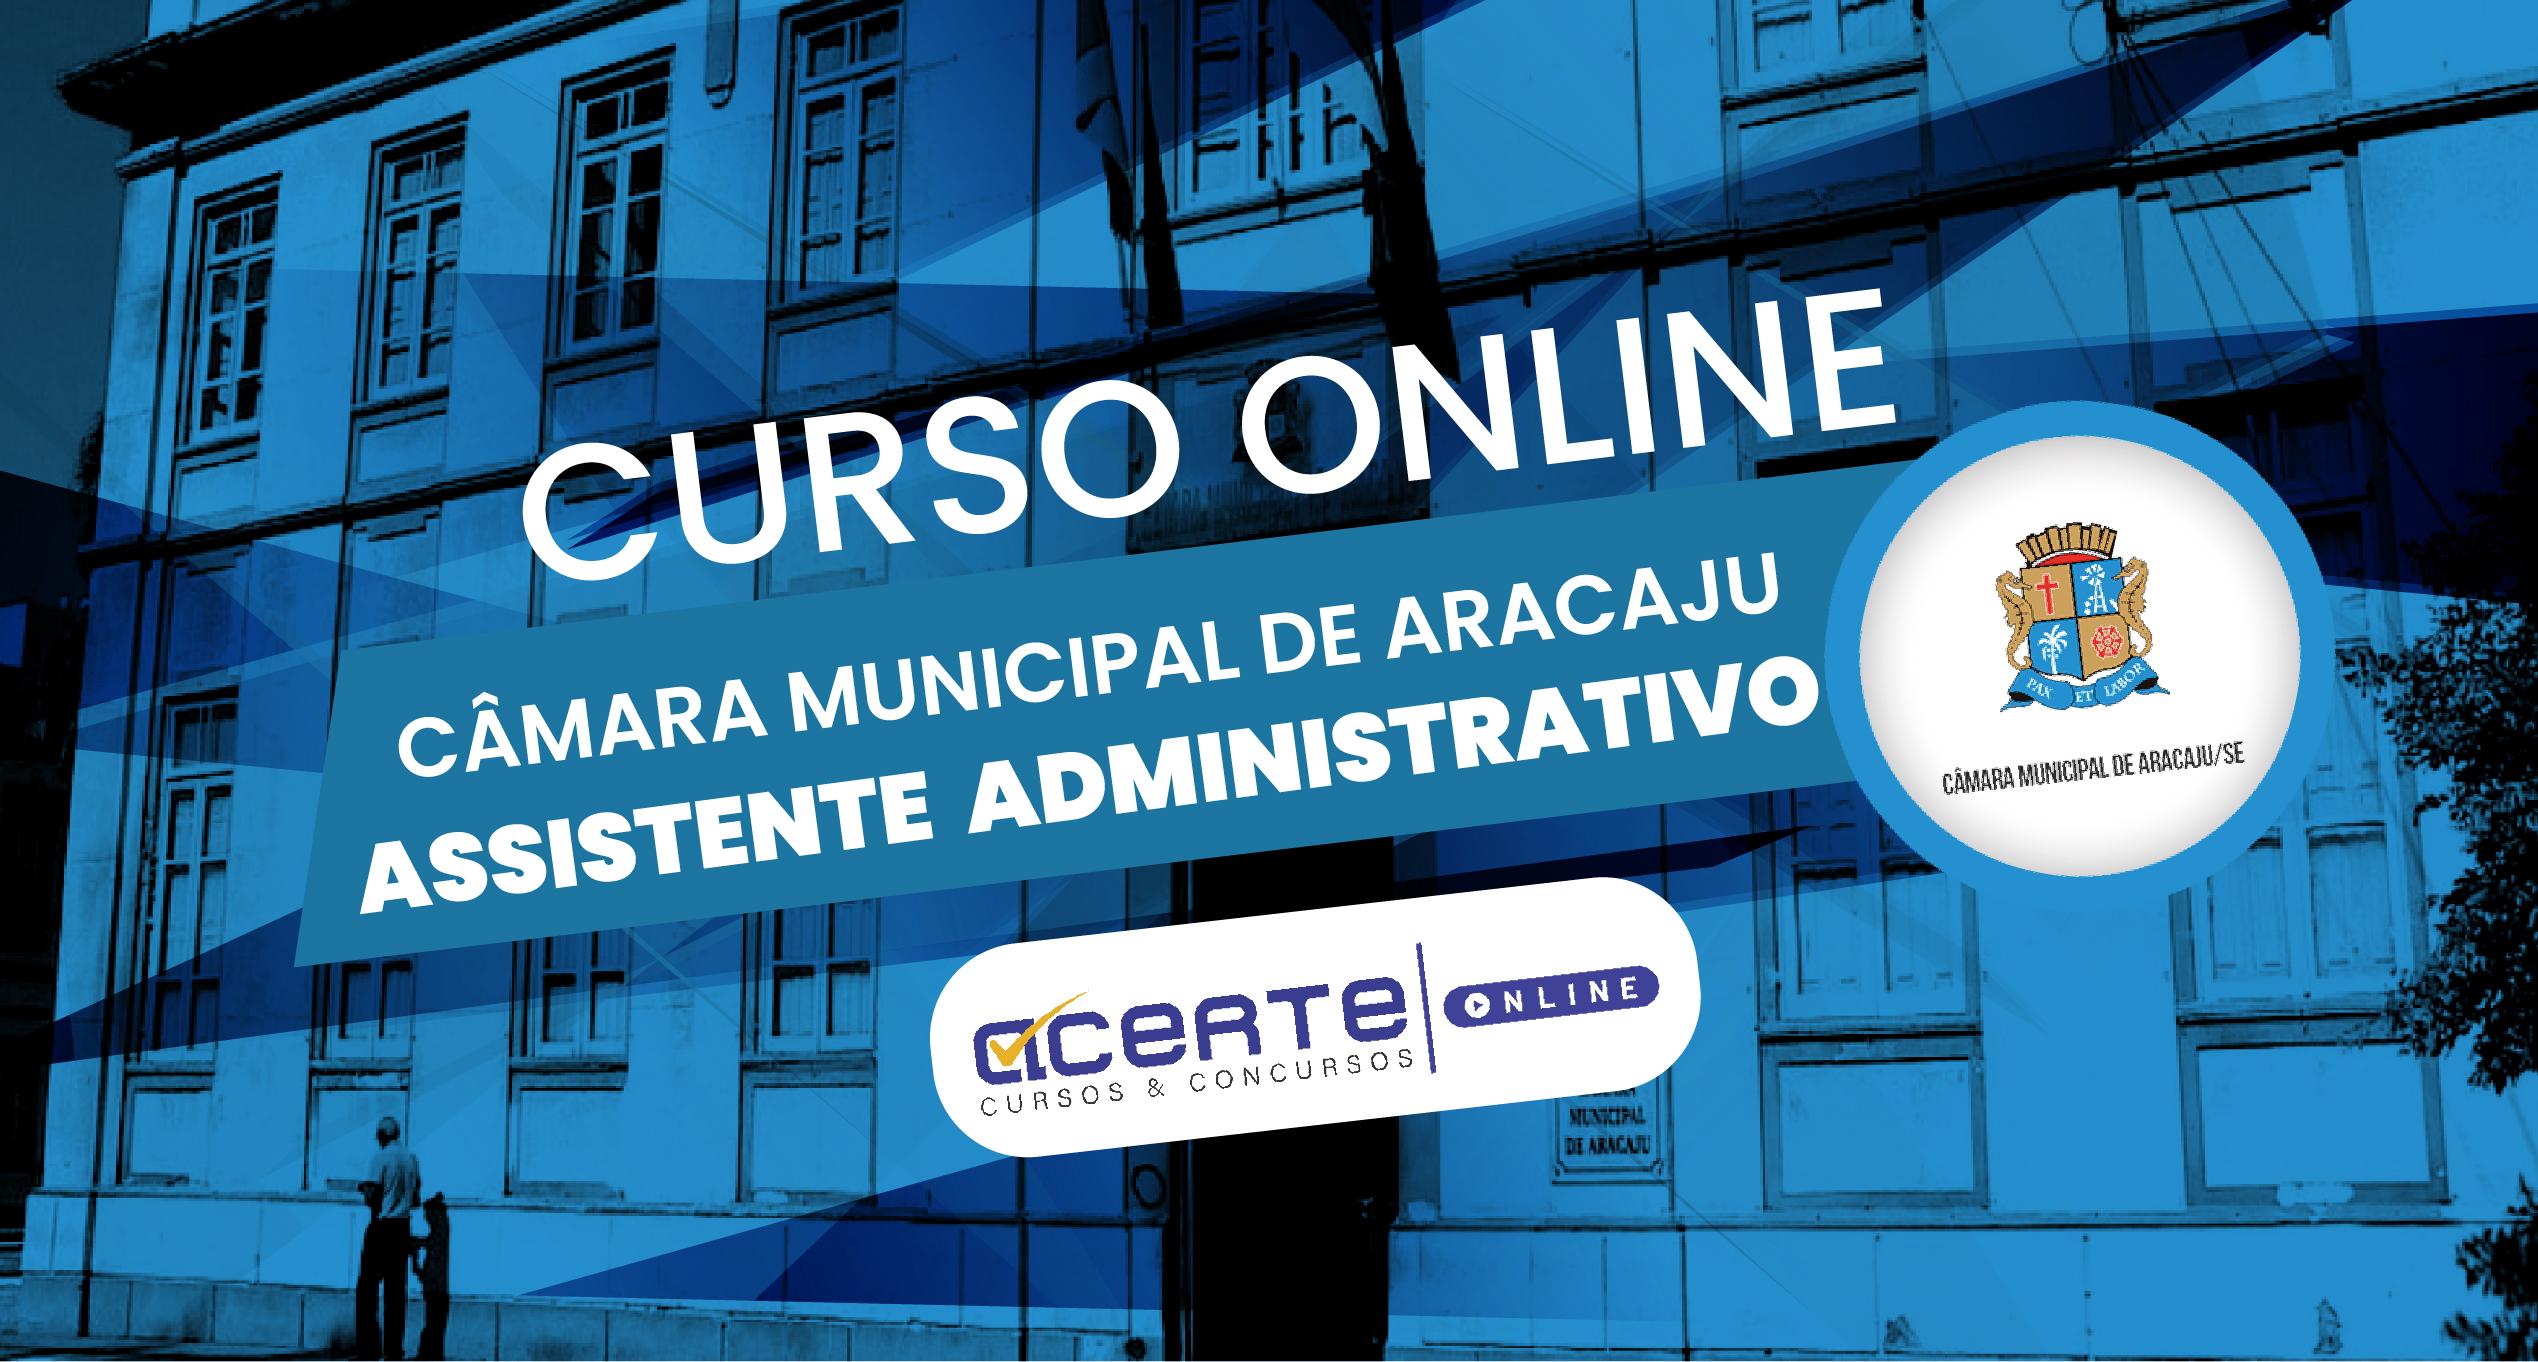 Câmara Municipal de Aracaju - Assistente Administrativo